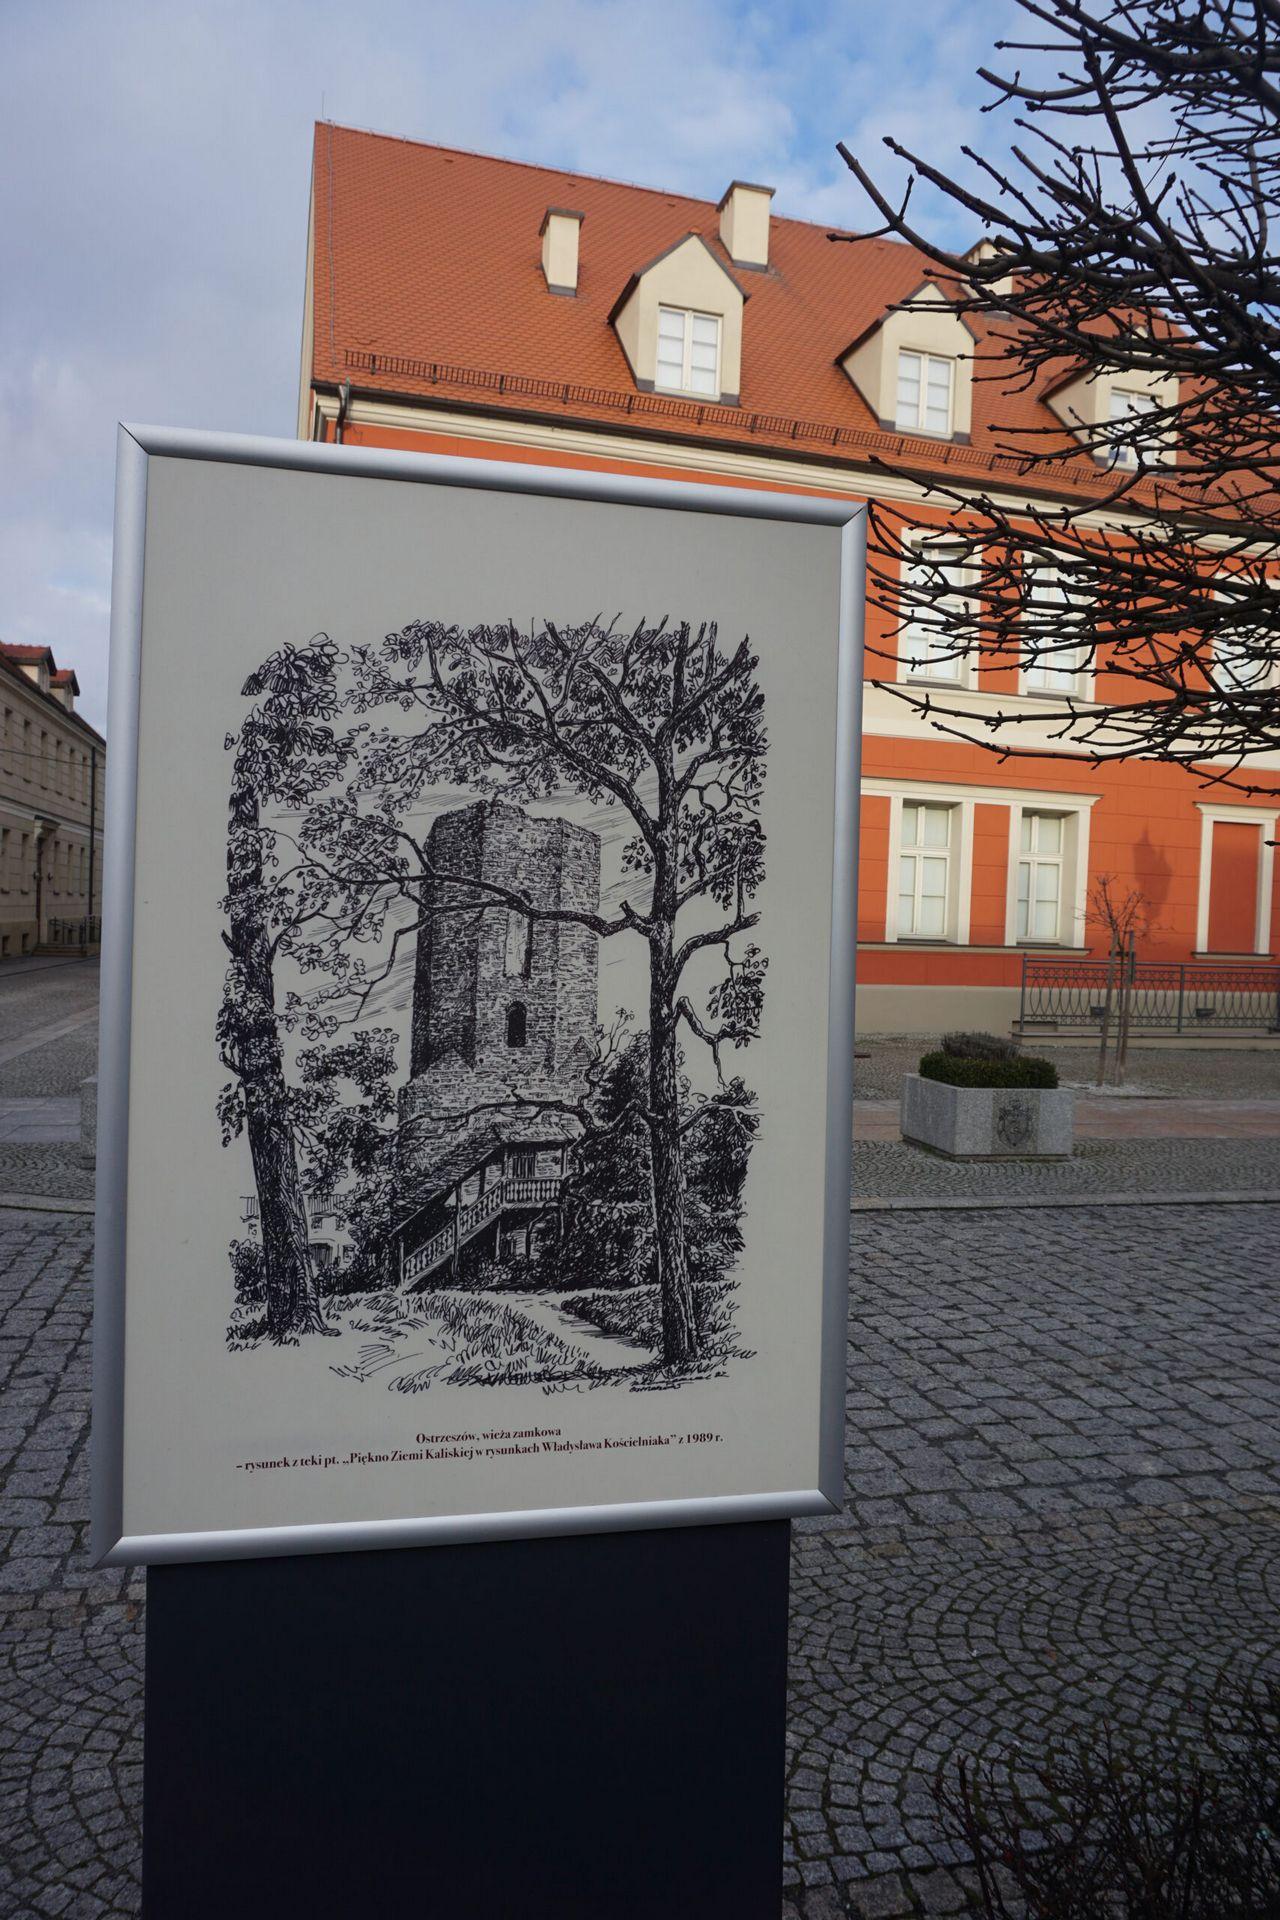 Zdjęcie gabloty z planszą na której znajduje się rysunek Władysława Kościelniaka wieża zamkowa w Ostrzeszowie